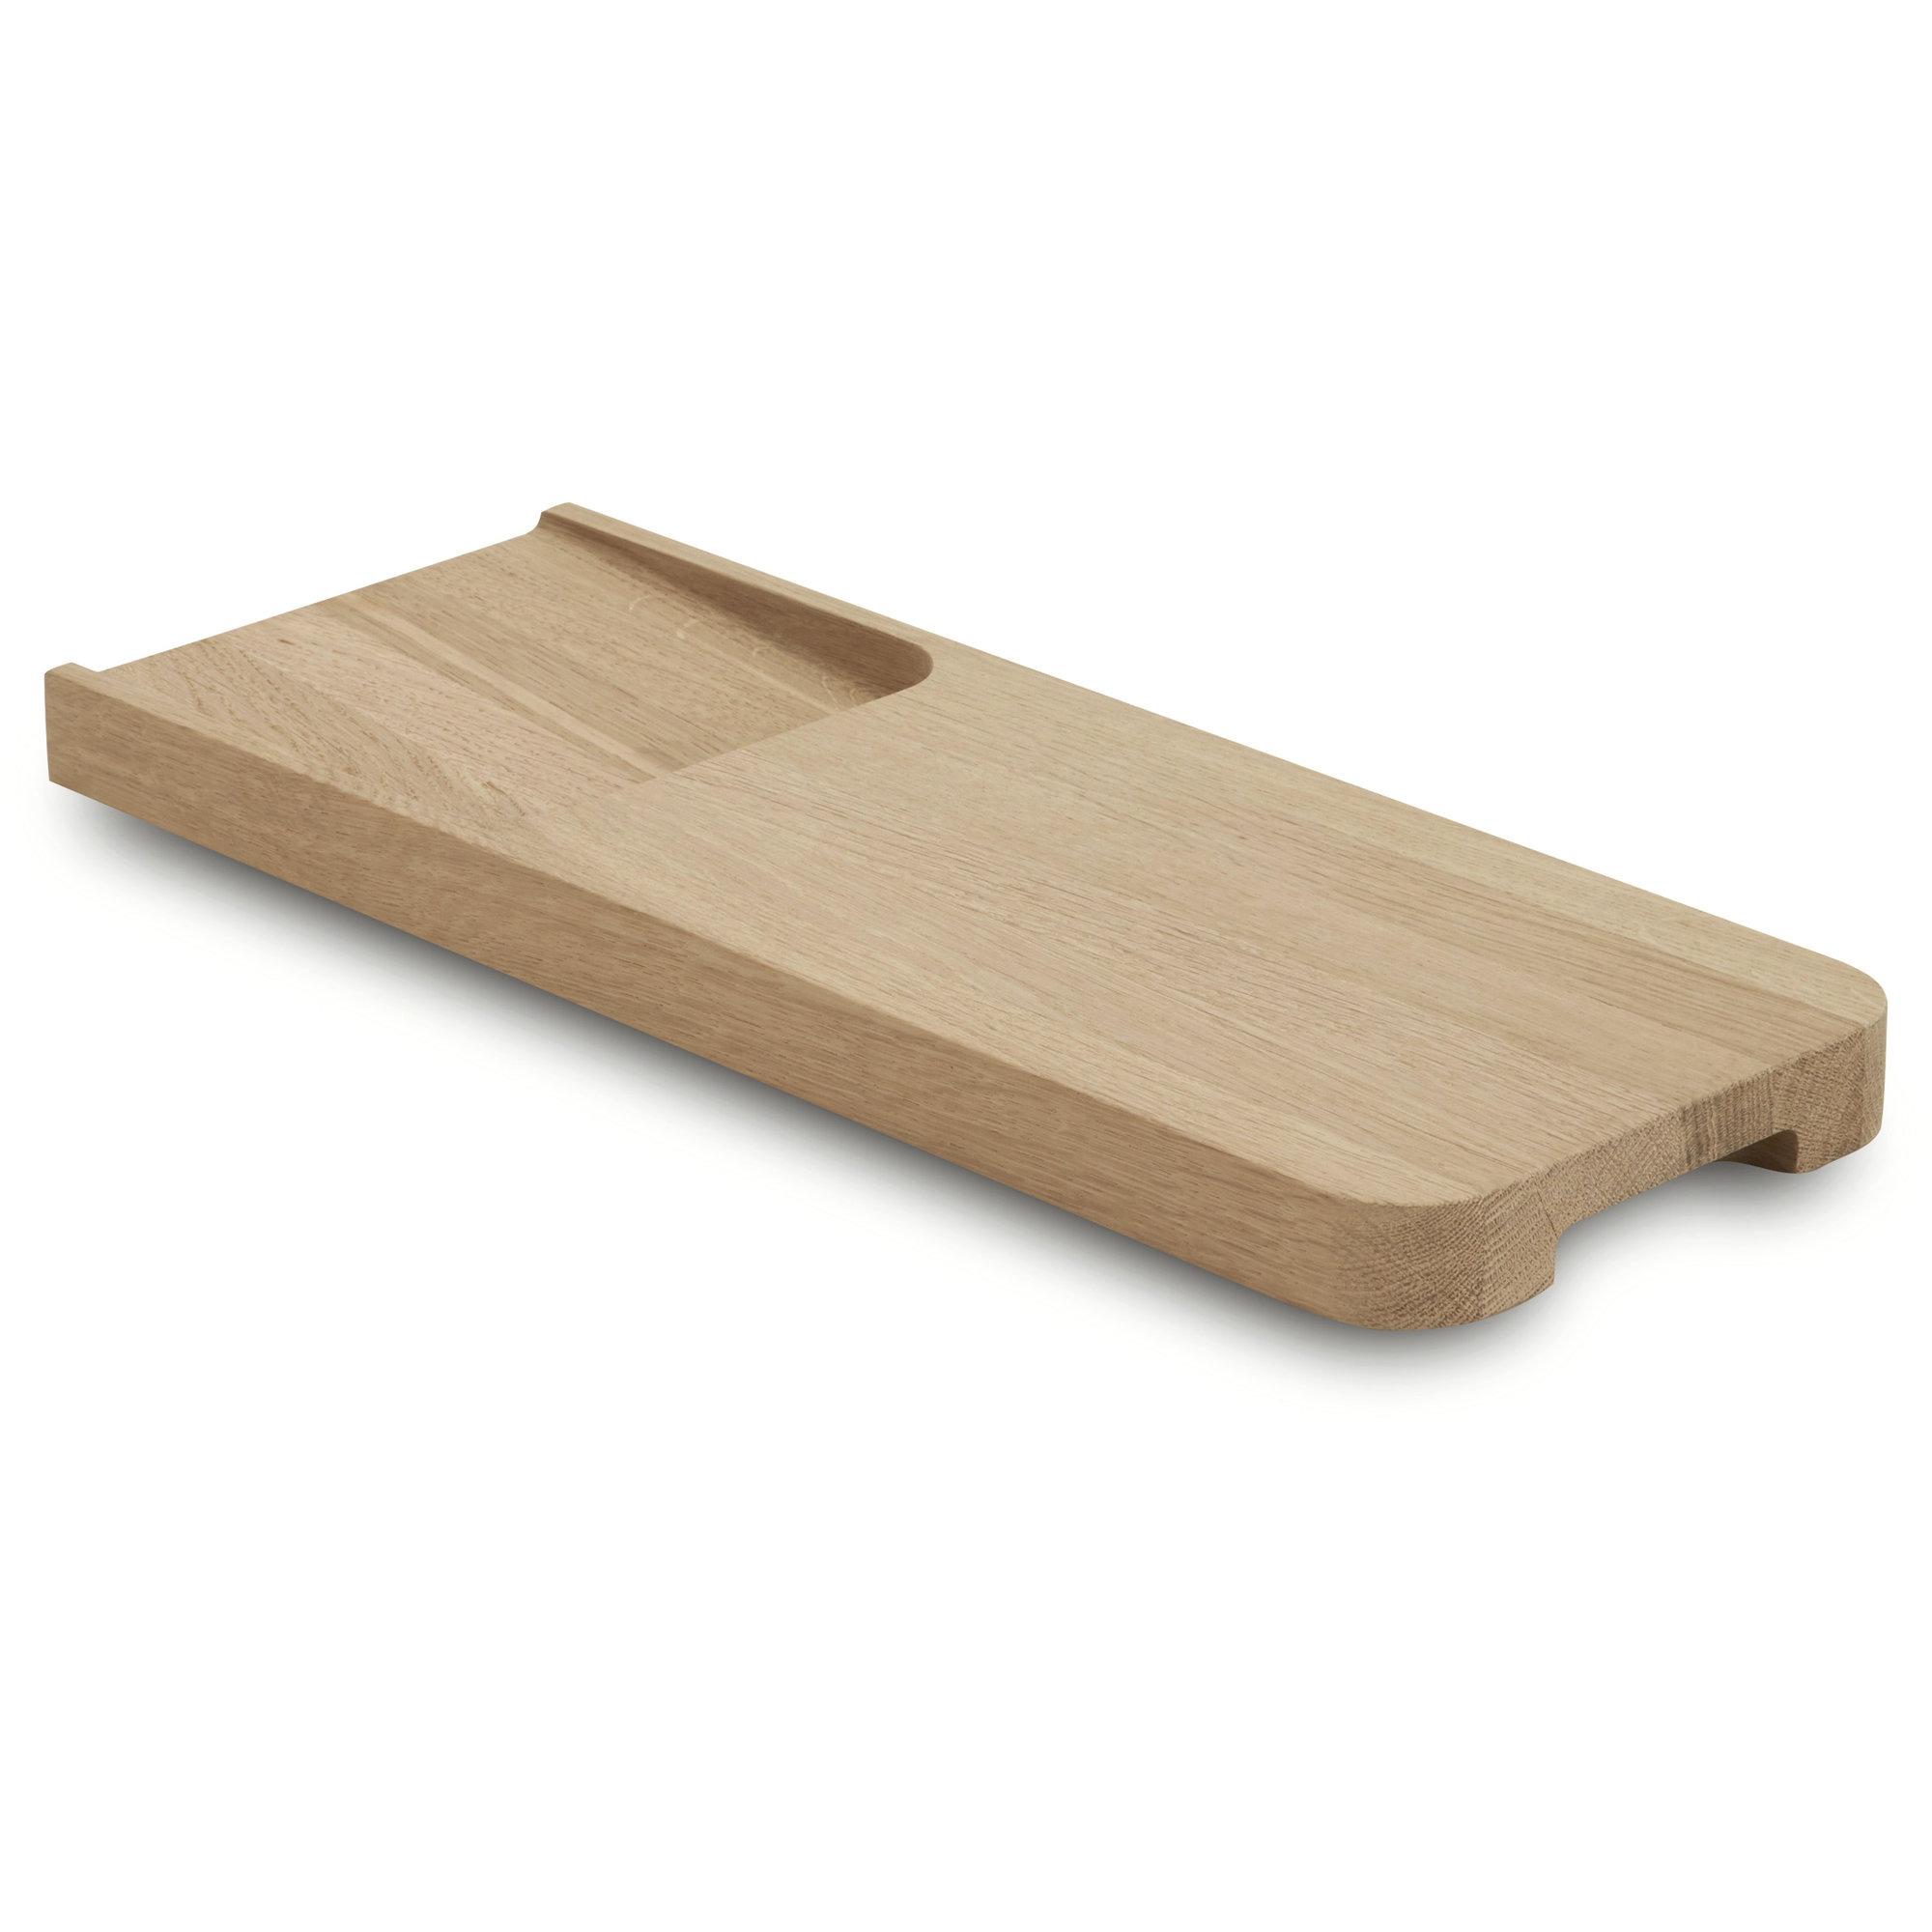 Skagerak Chop Board Skärbräda